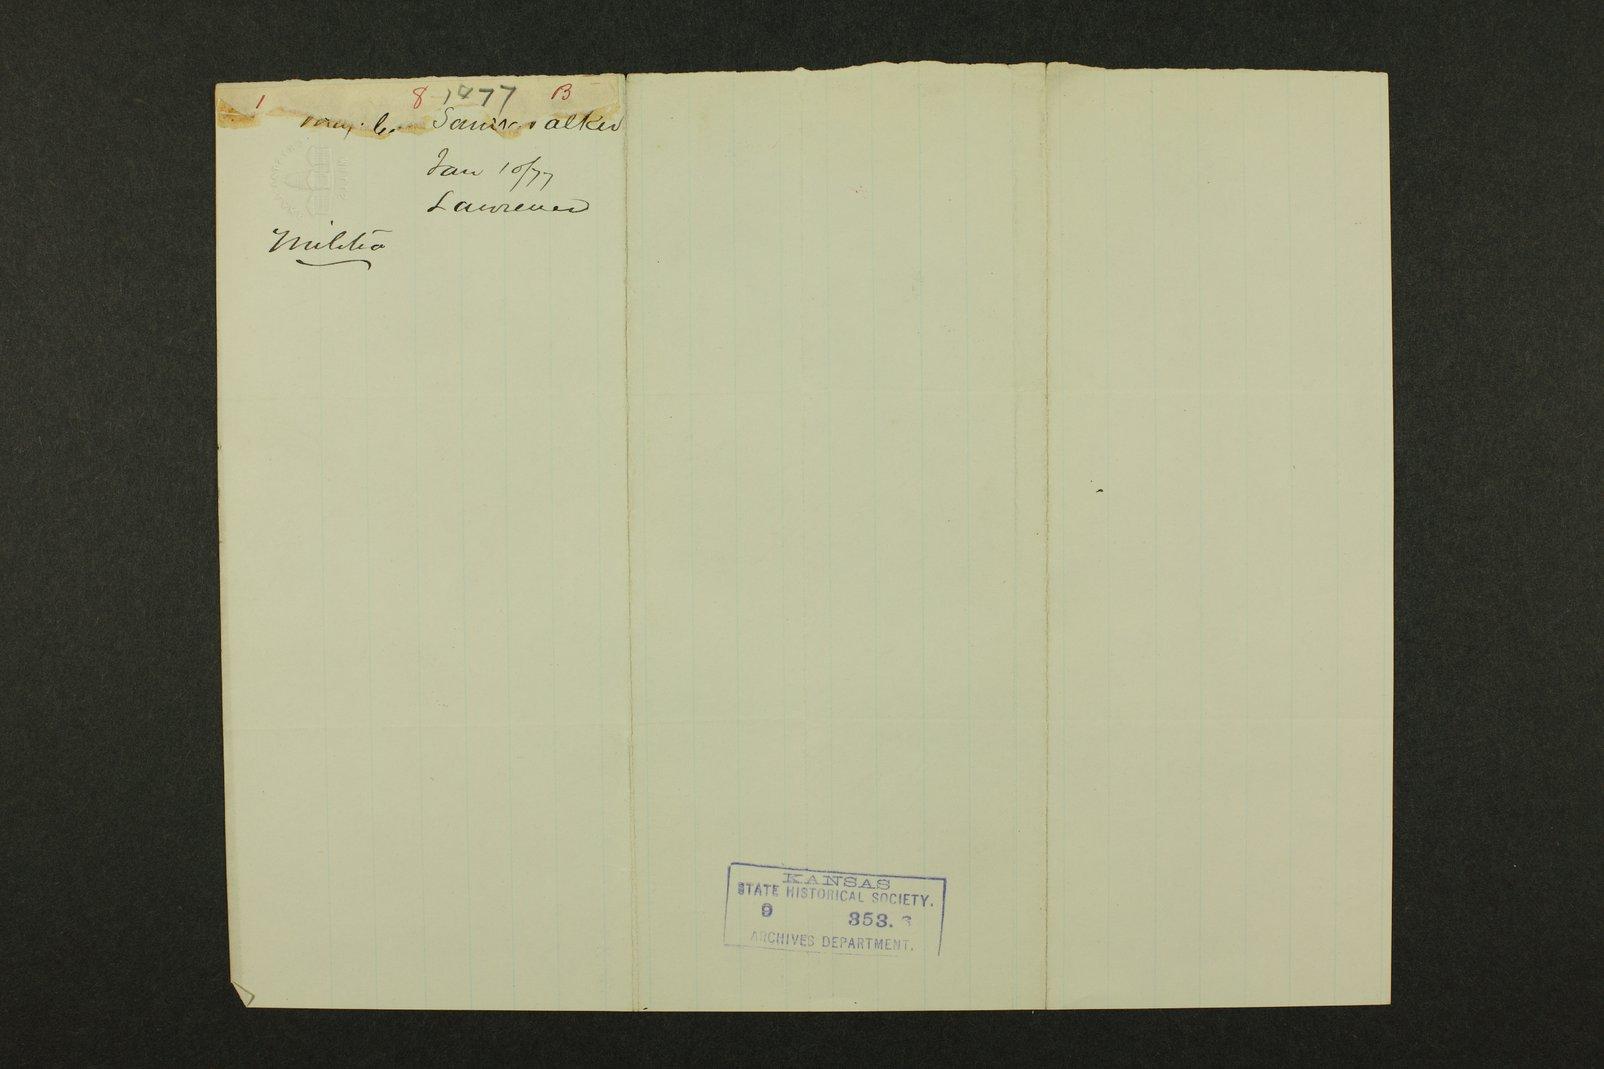 Kansas Adjutant General general correspondence - 9